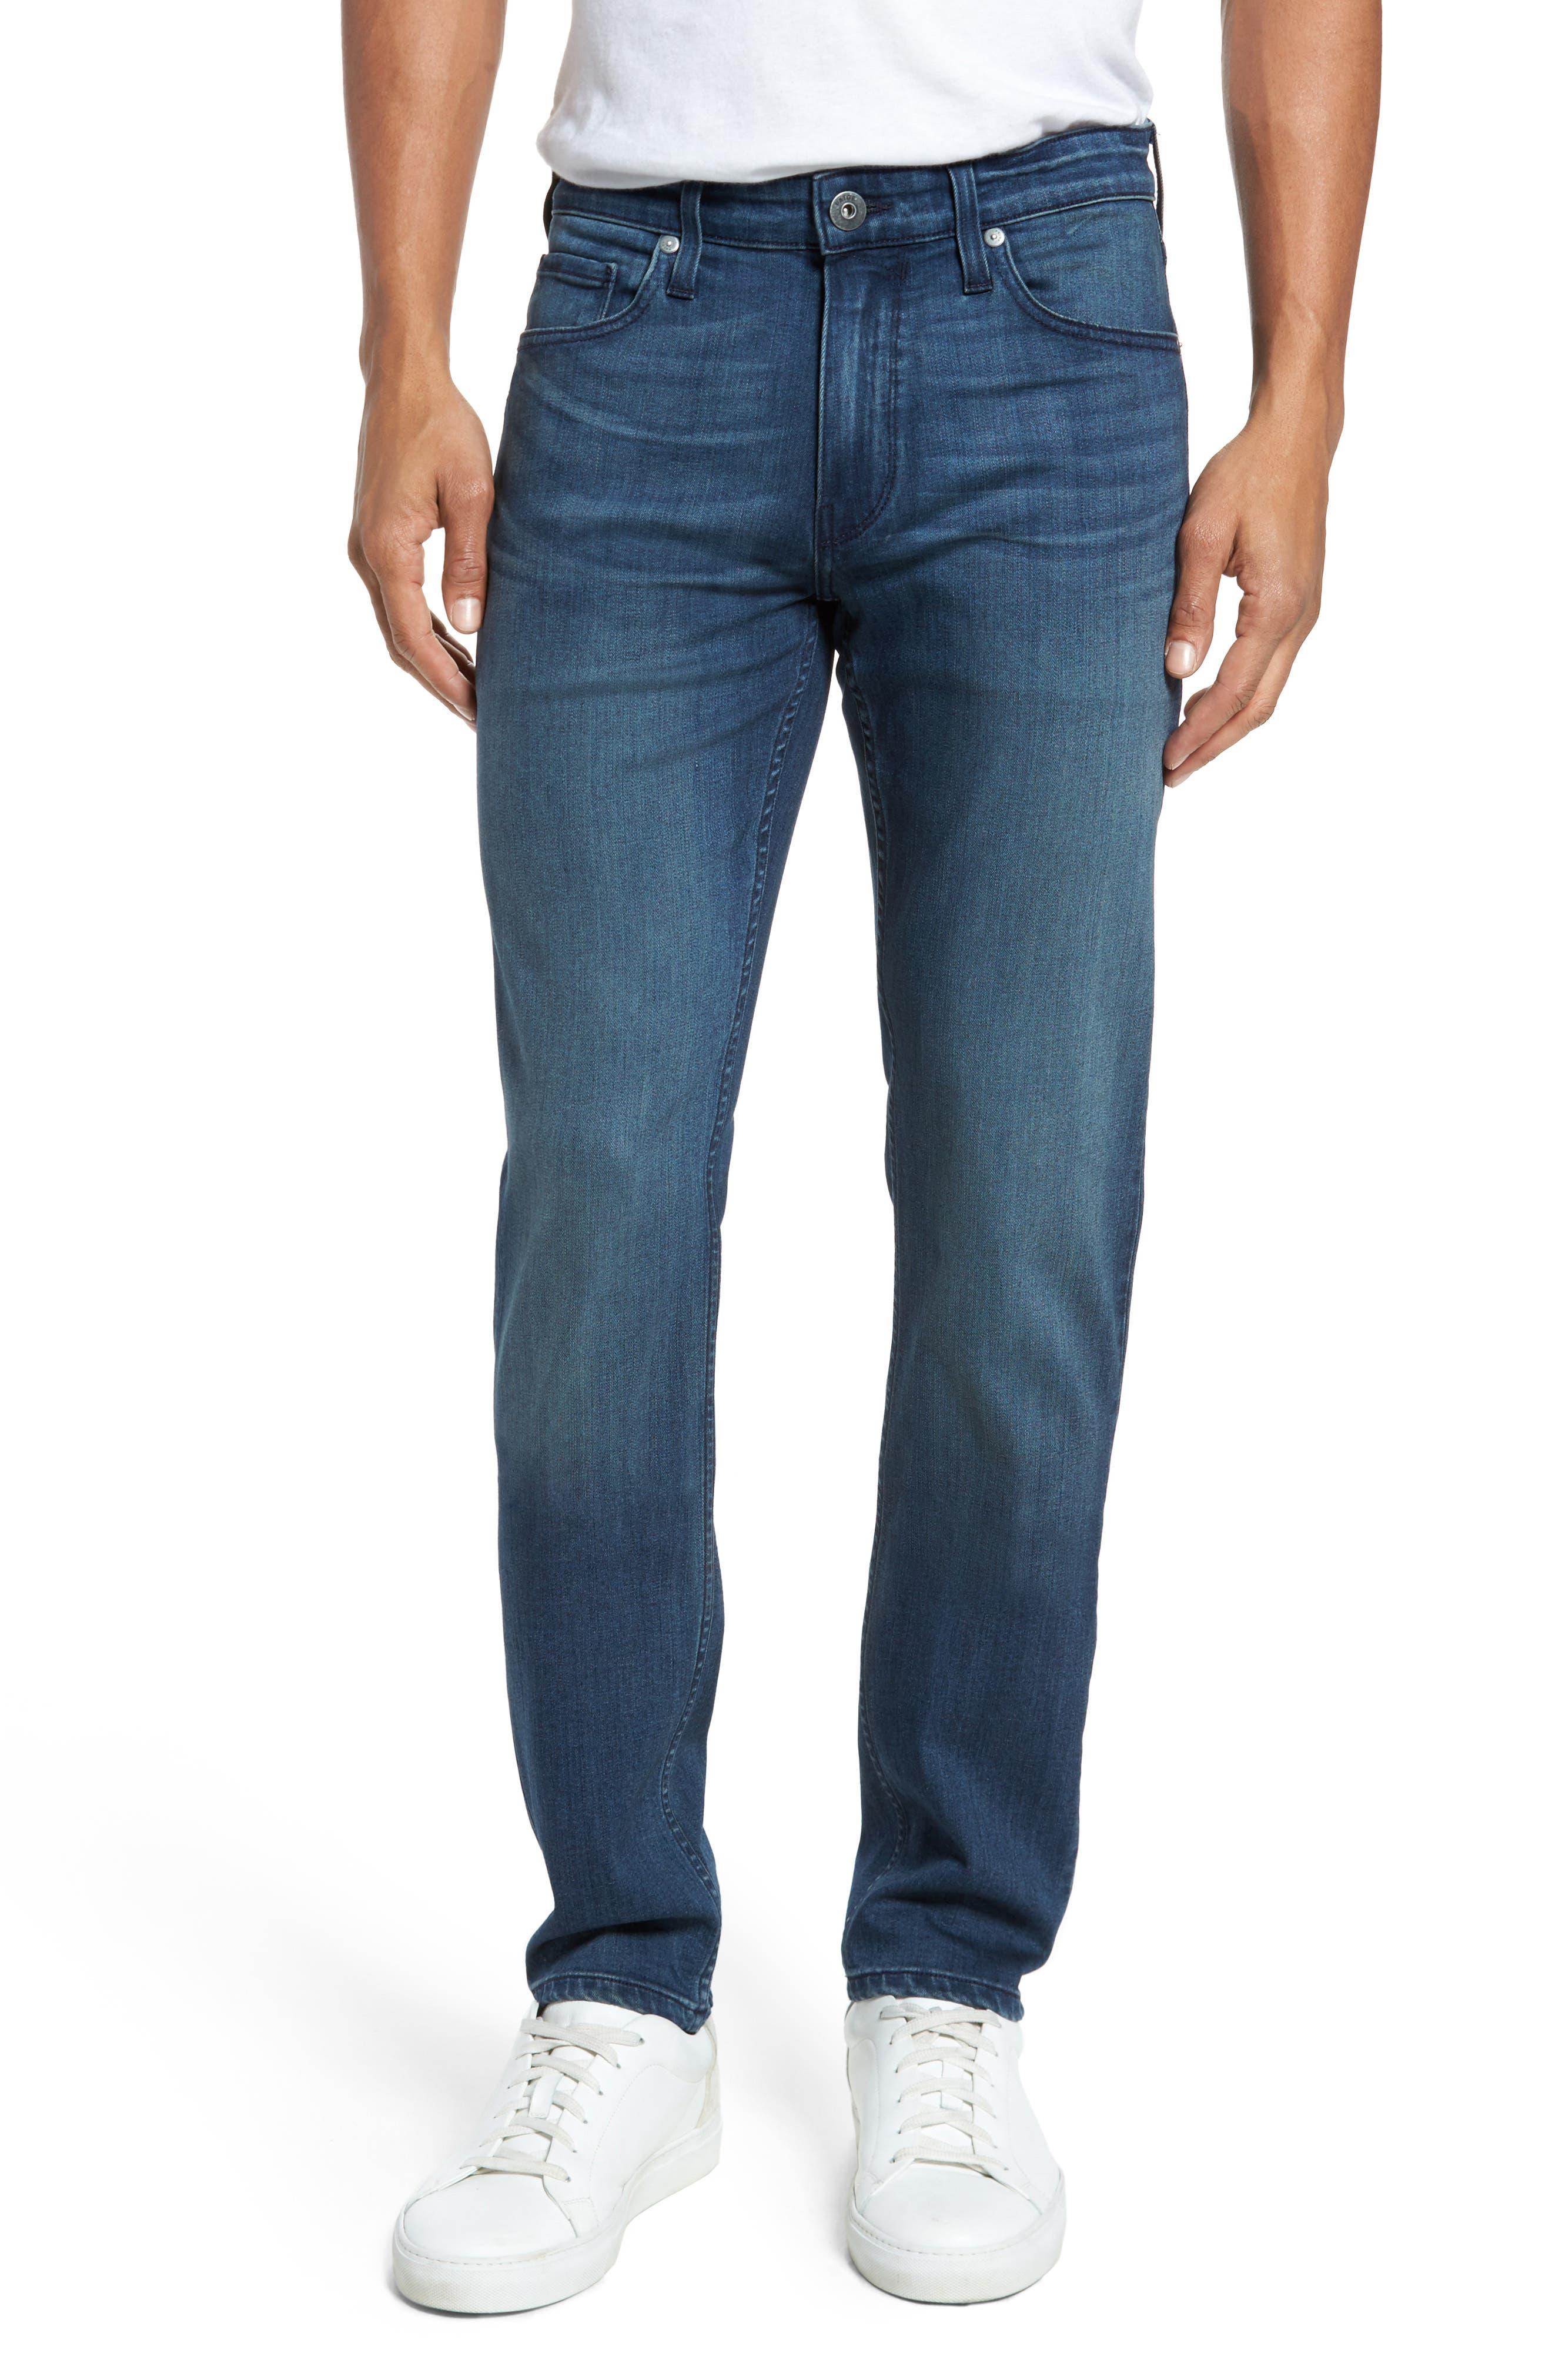 PAIGE Transcend - Lennox Slim Fit Jeans (Skyler)